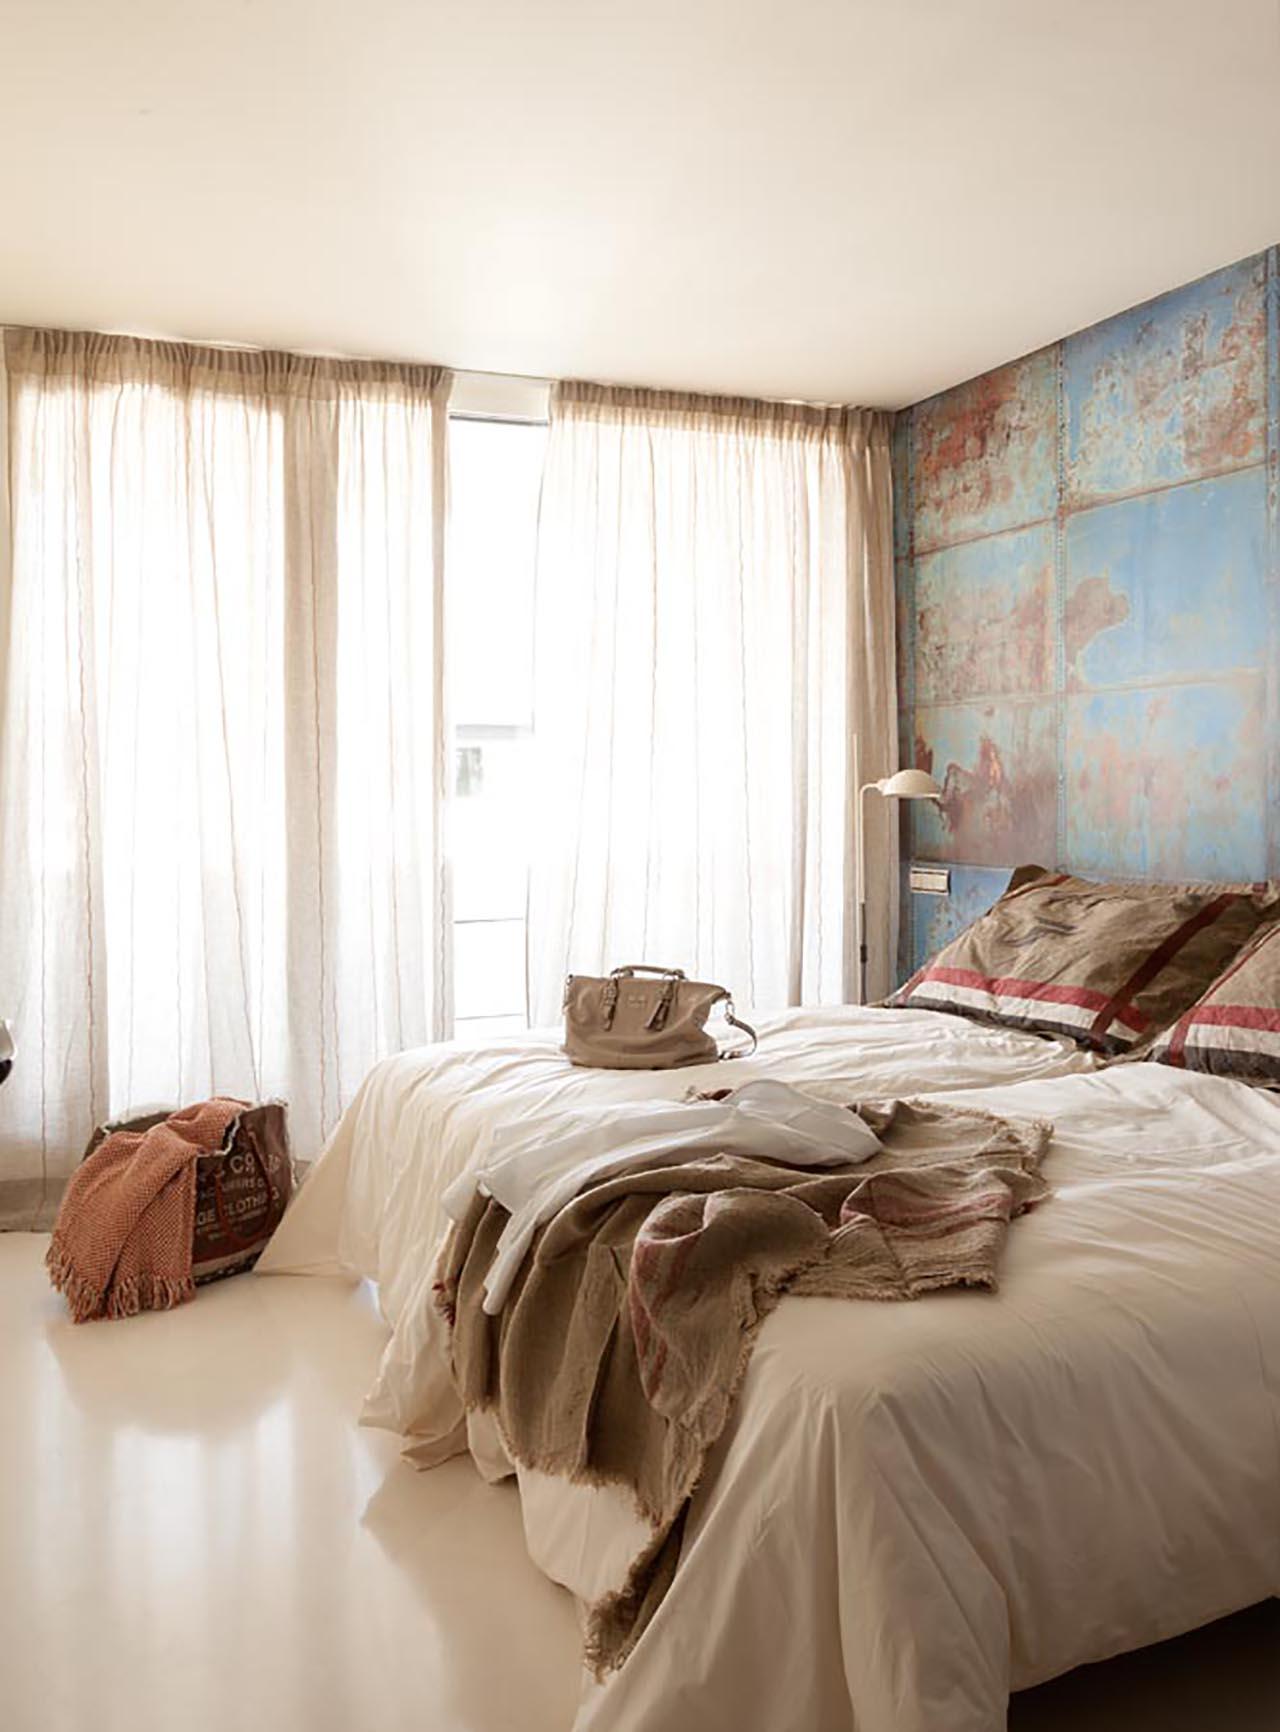 3. Dormitorio invitados 2